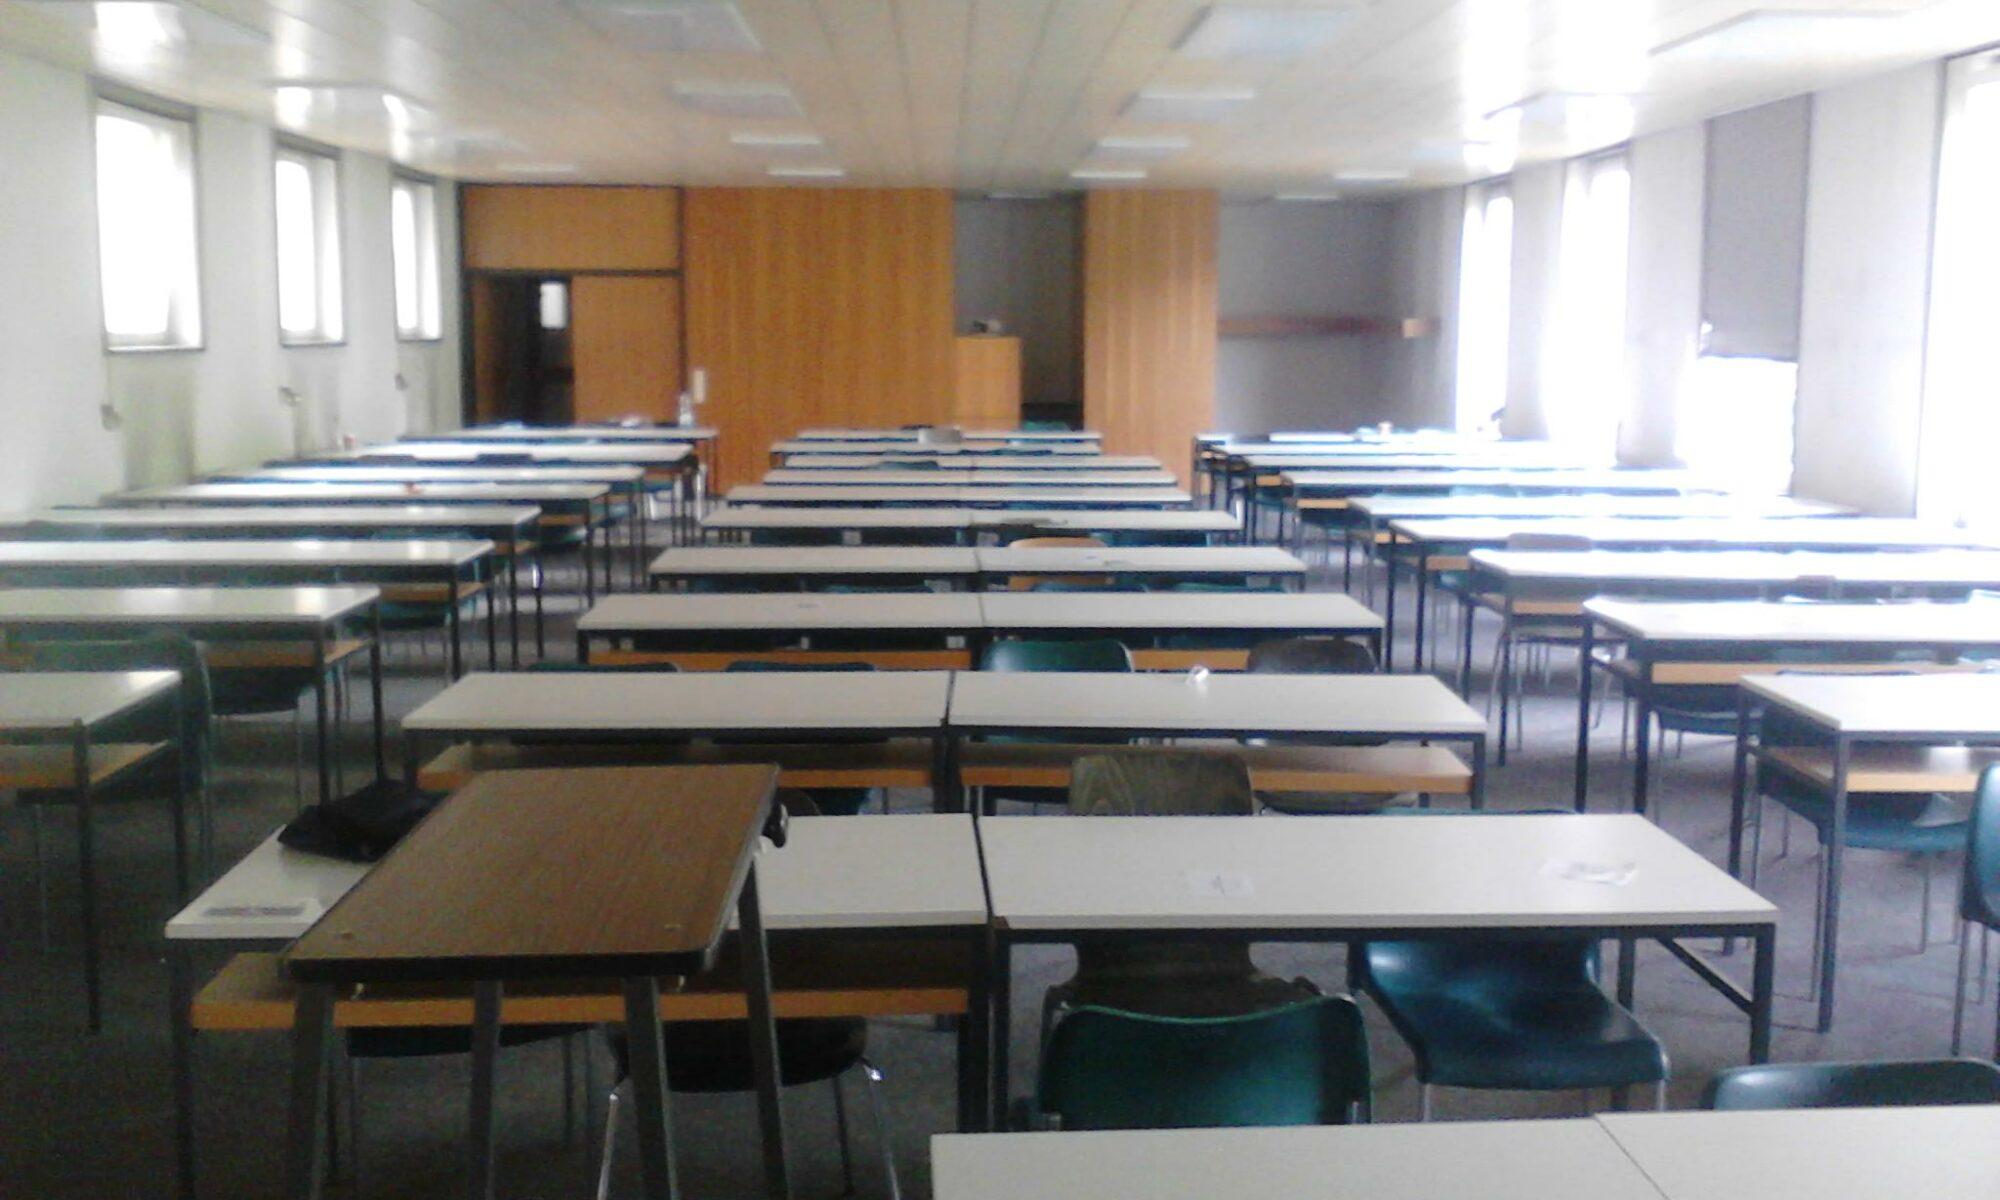 Seminarraum zur Vorlesung an der Universität Hohenheim am 2. Mai 2011